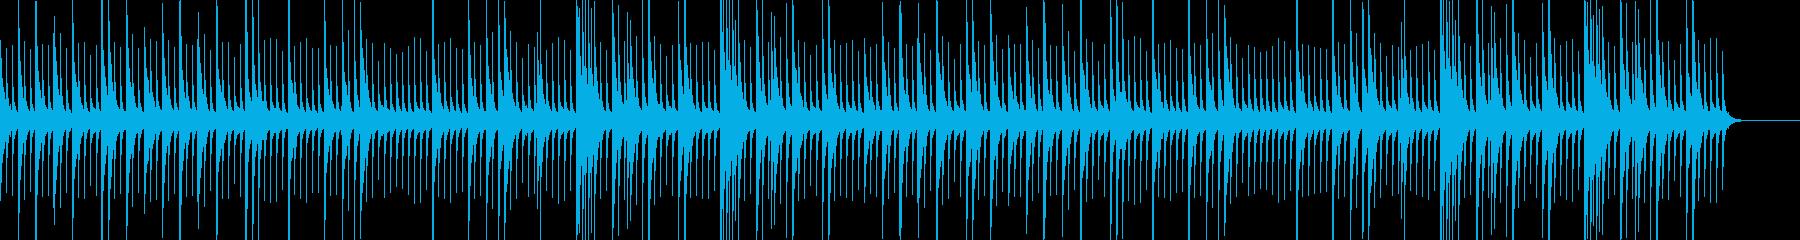 ノスタルジックで幻想的なオルゴールの再生済みの波形